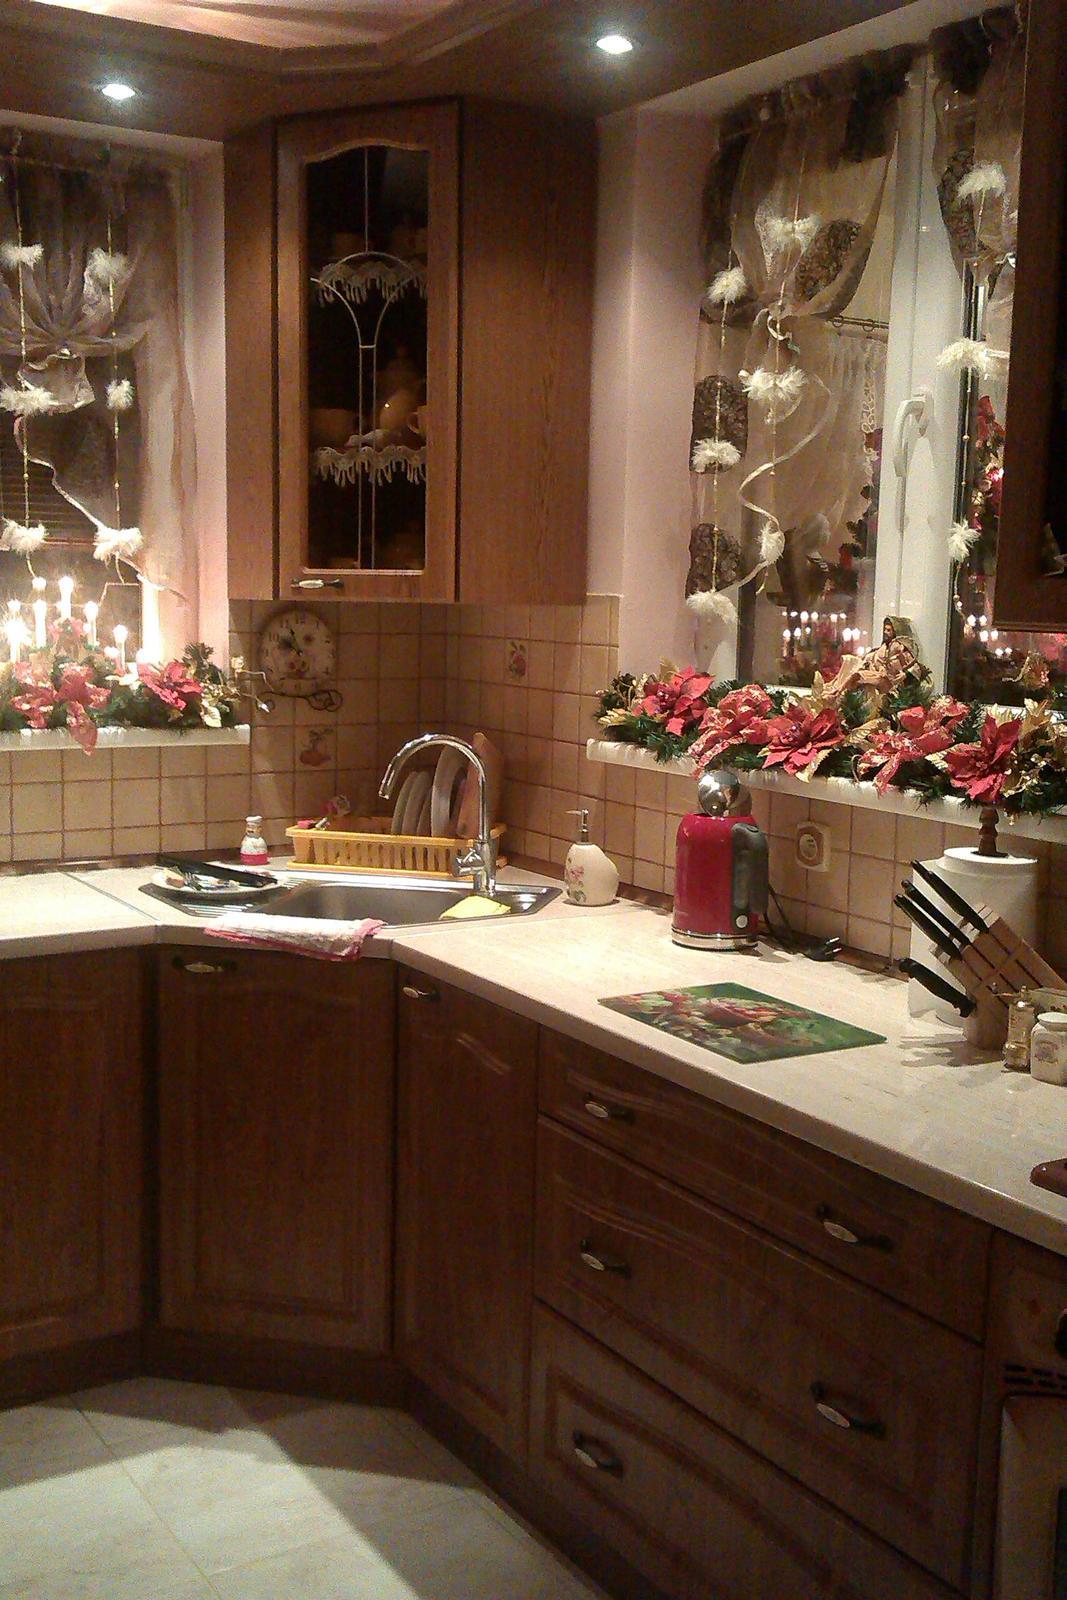 Piate vianoce v dome - Obrázok č. 120